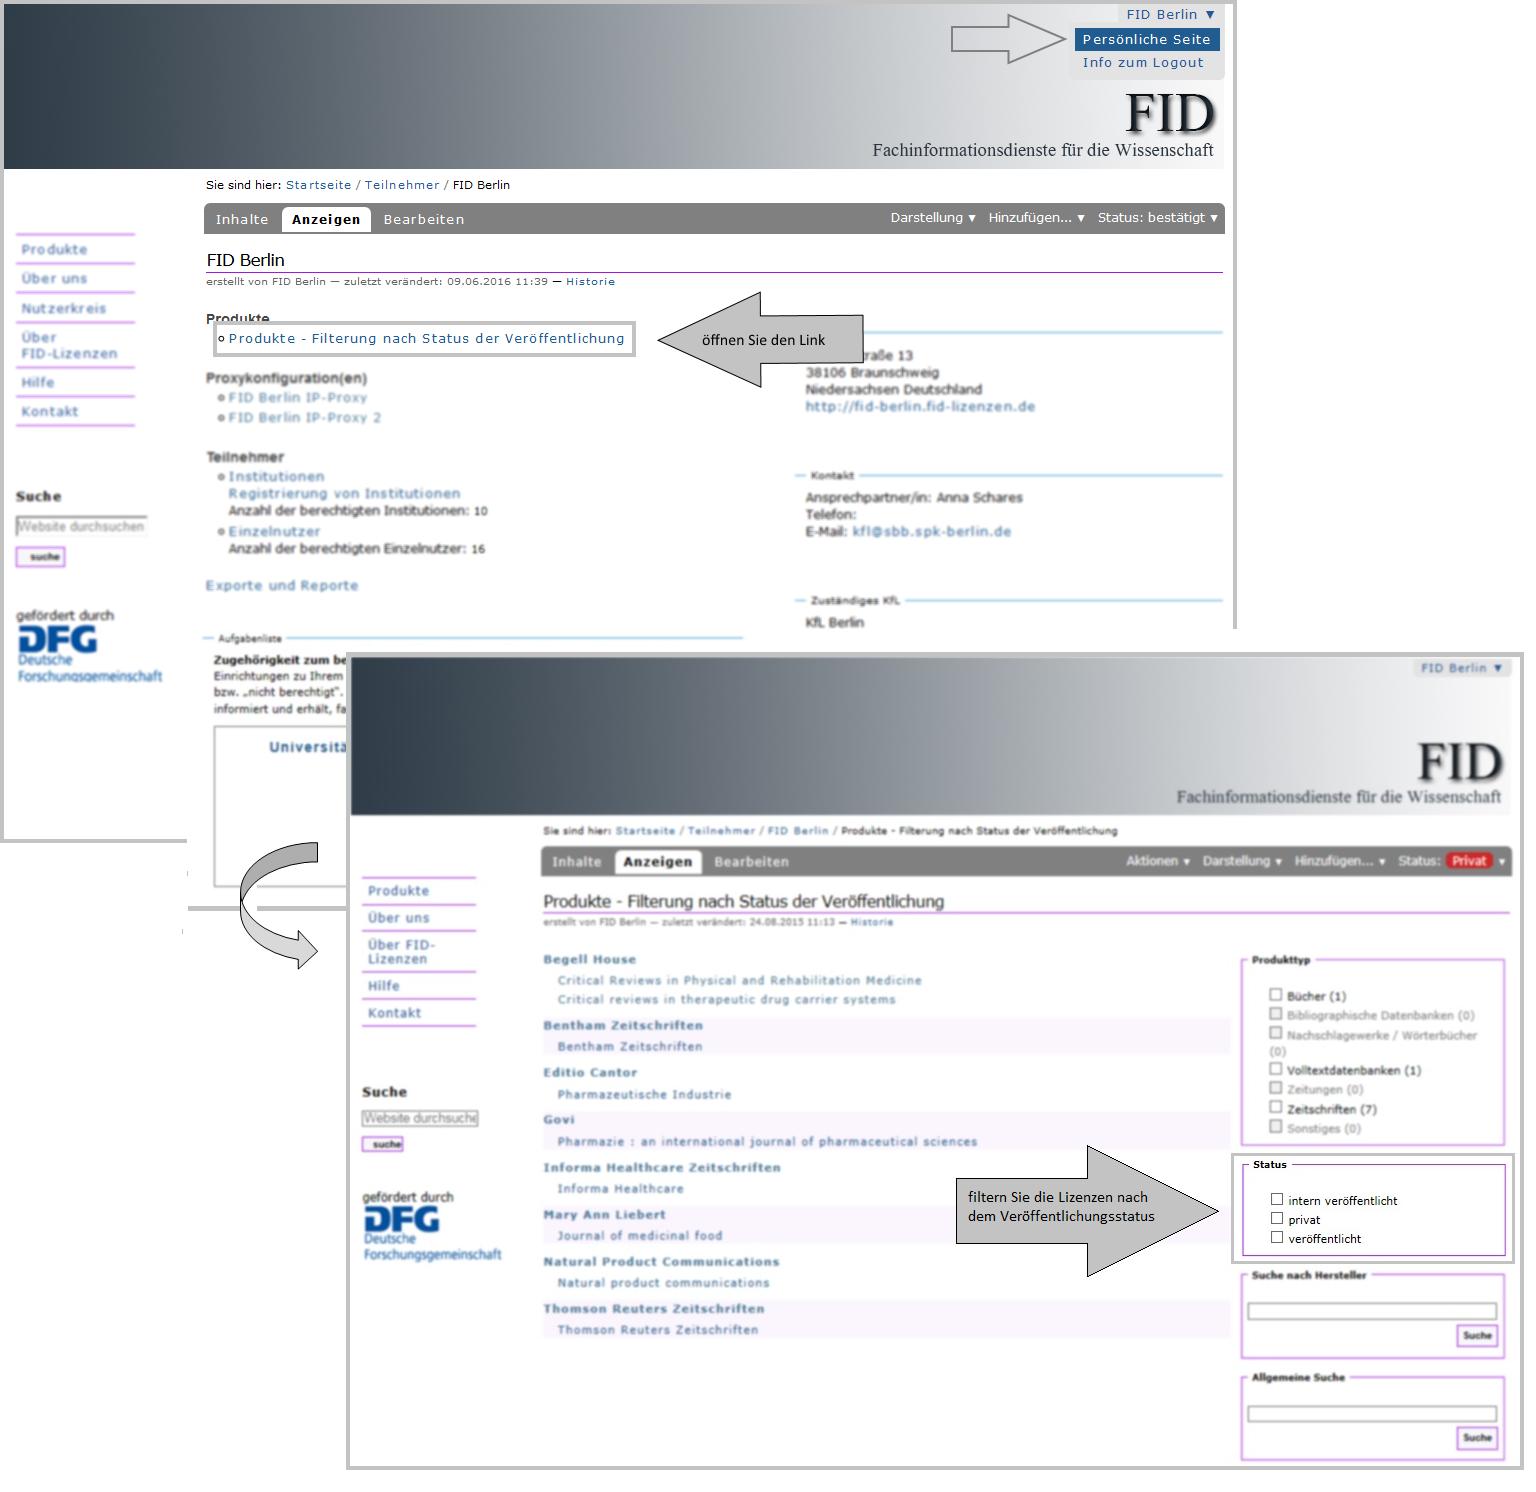 fid_filterung_veroeffentlichungsstatus